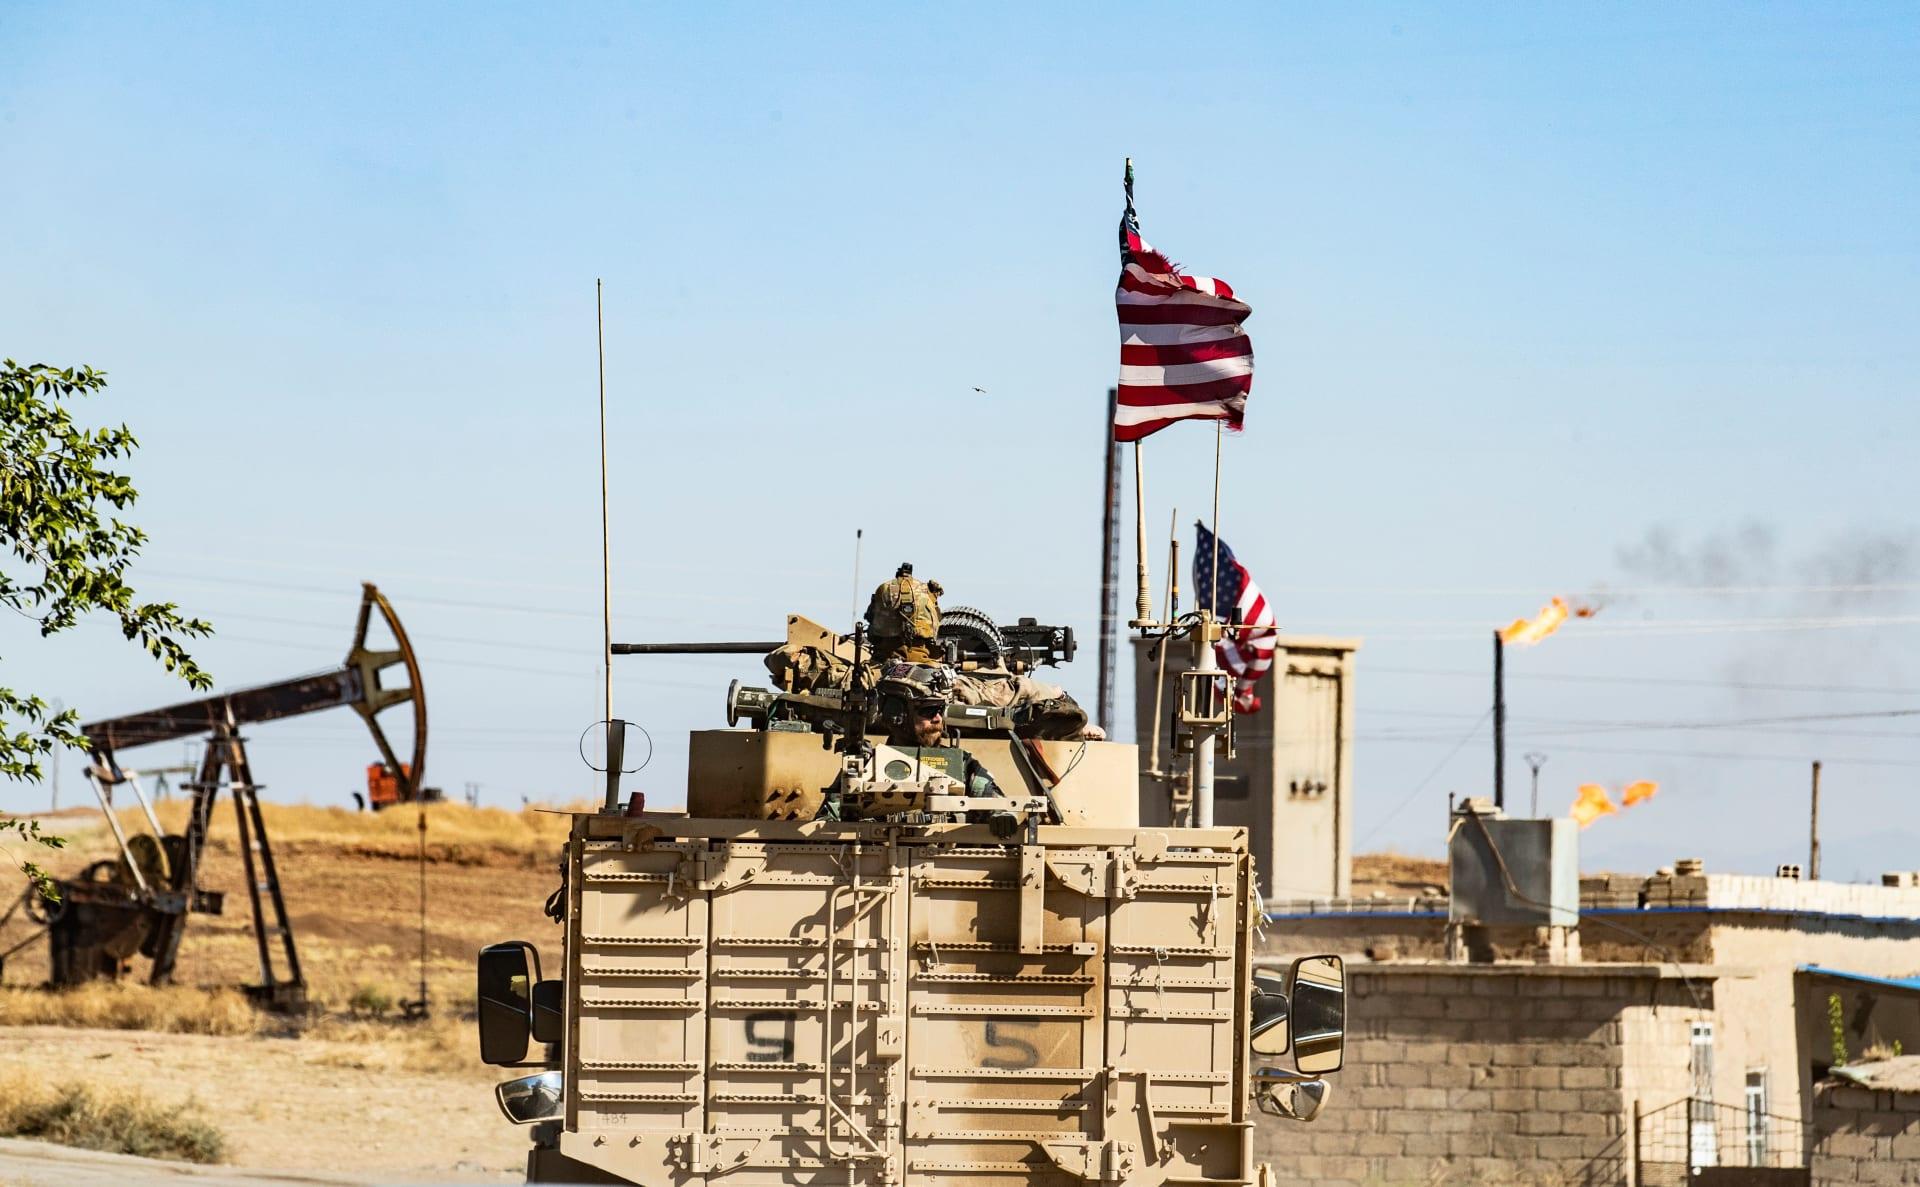 مدرعة أمريكية قرب أحد حقول النفط في الرميلان شمال شرق سوريا